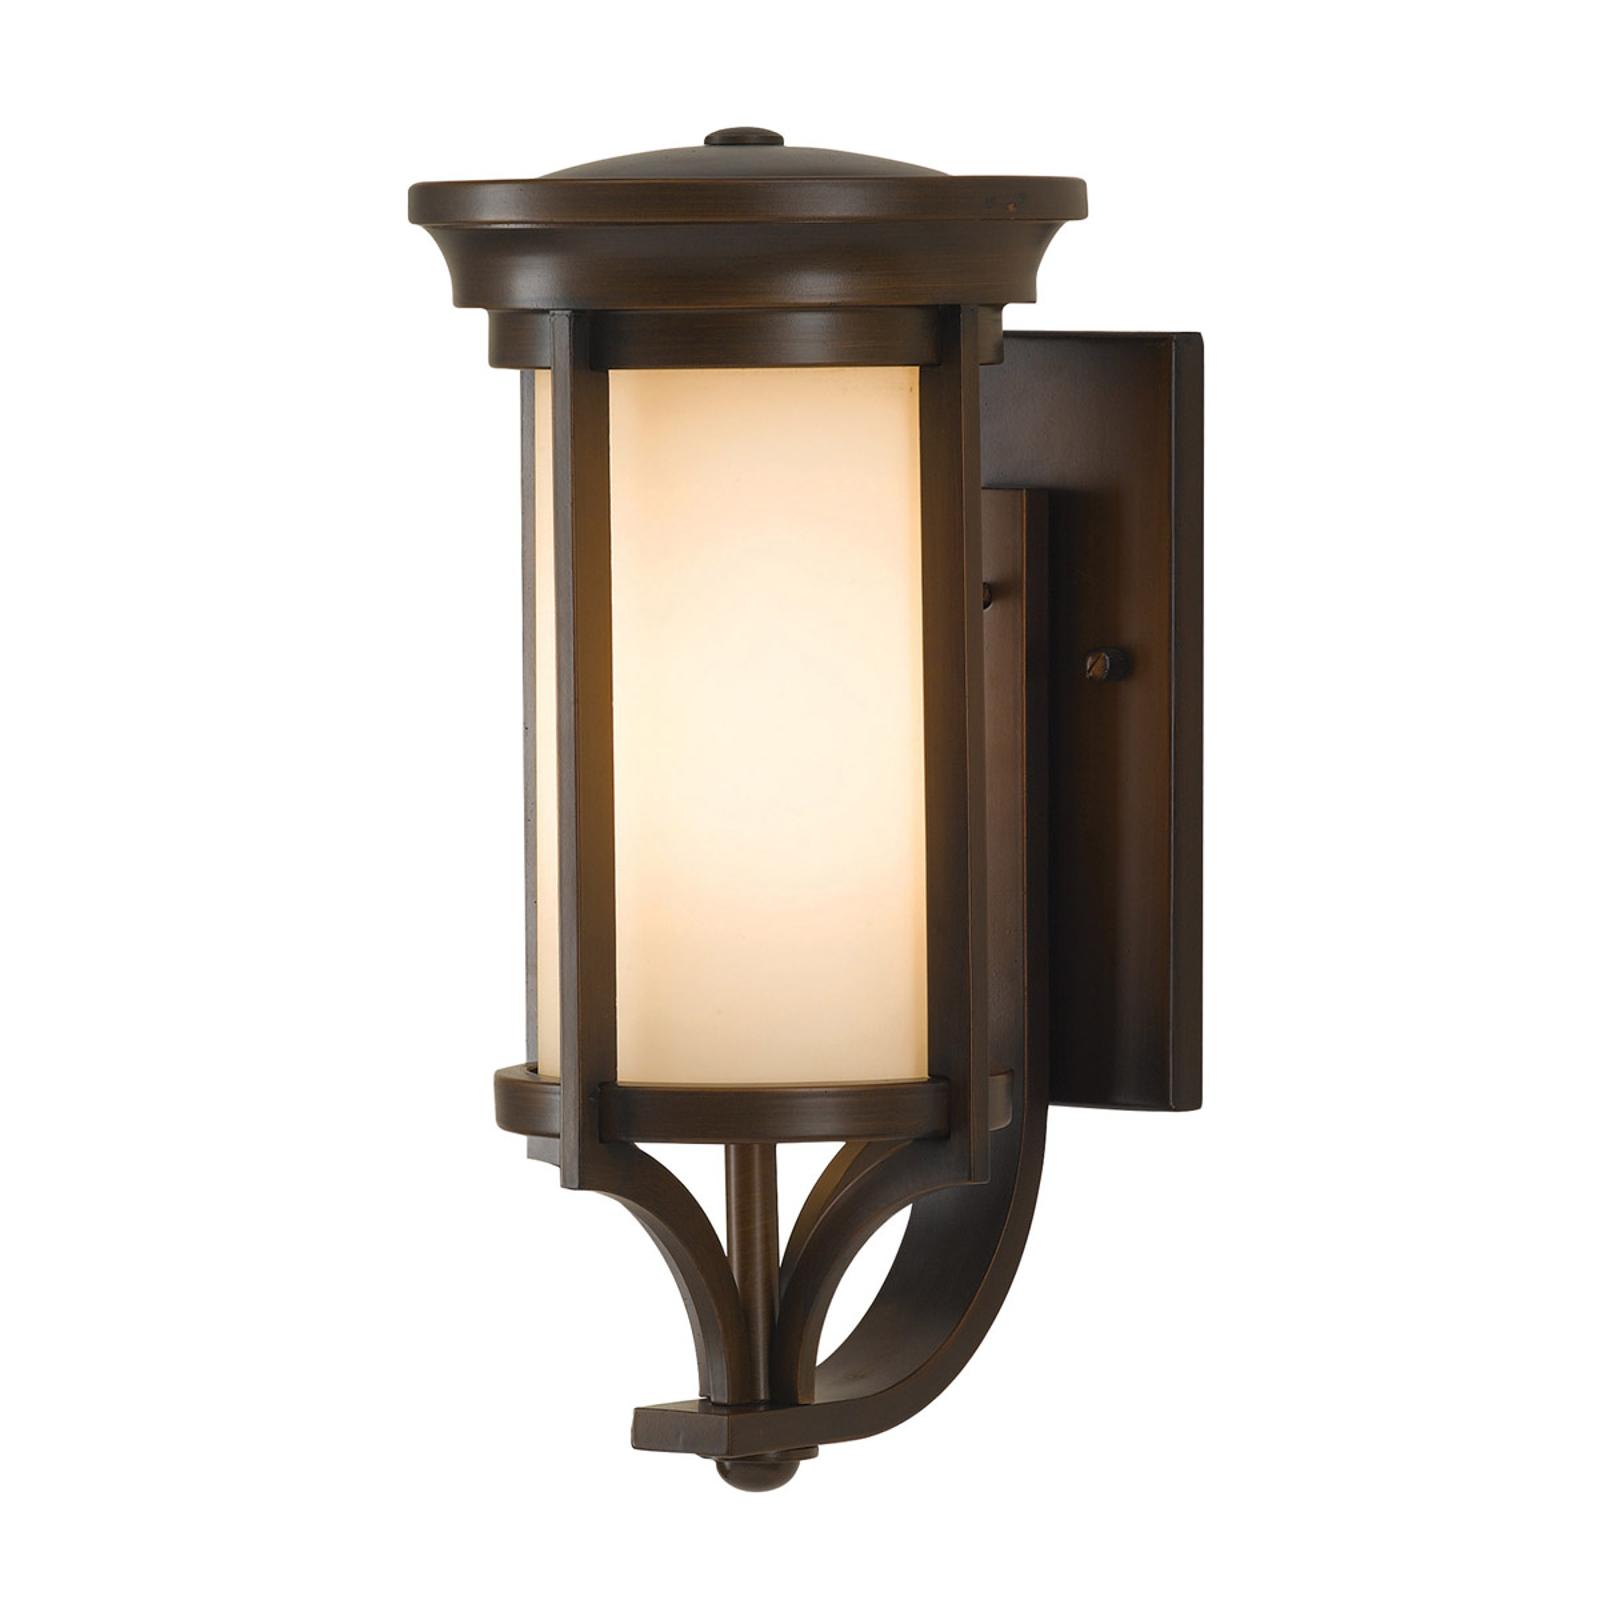 Venkovní nástěnné světlo Merrill v bronzové barvě